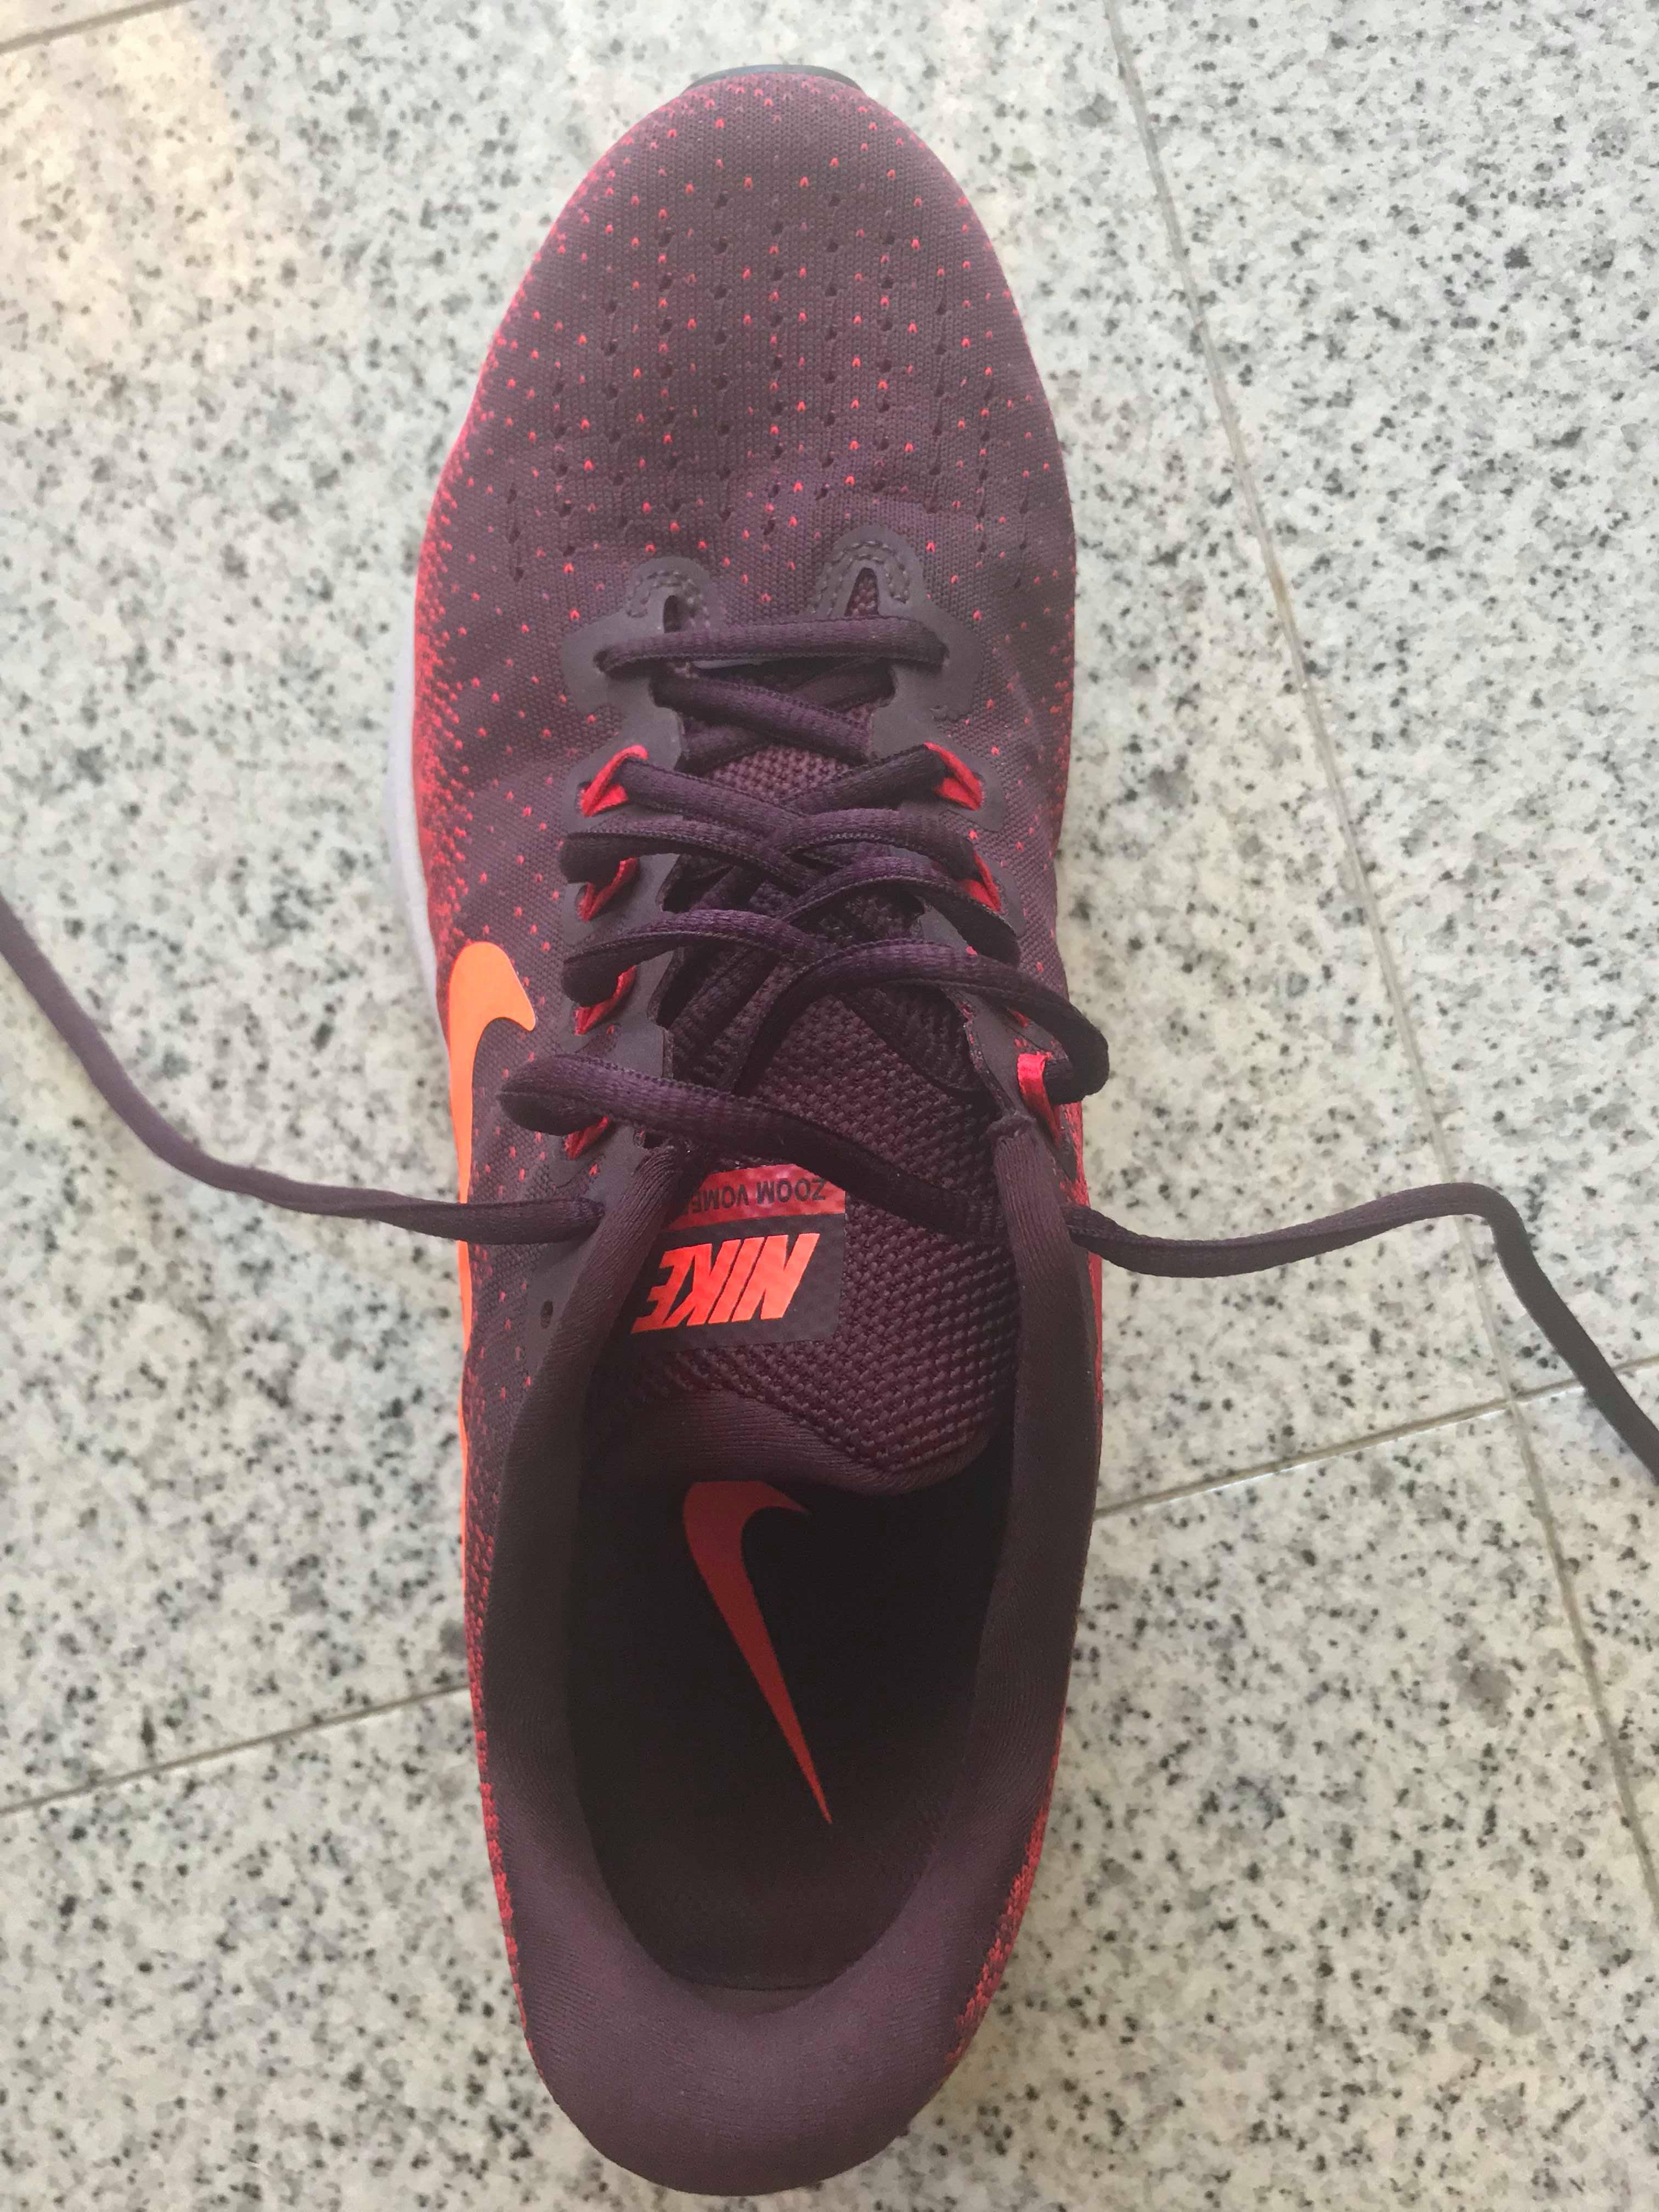 744c76c0cd3 Frontale Nike Zoom Vomero 13